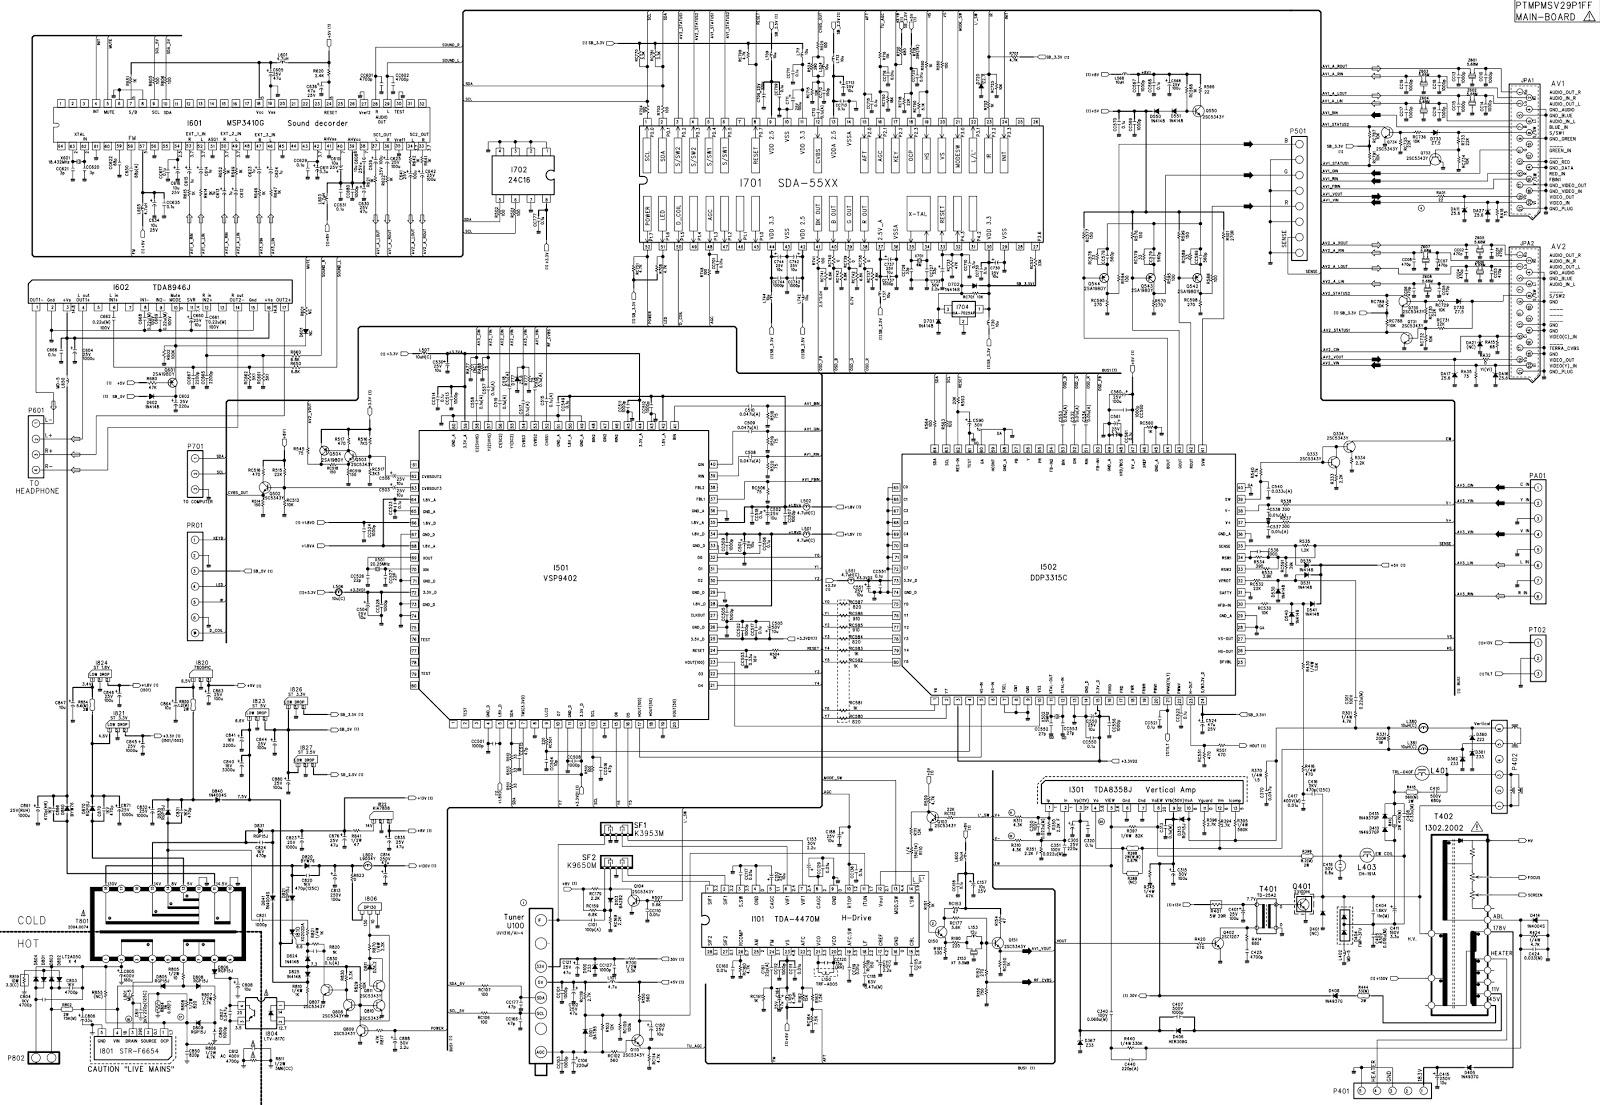 Crt Tv Diagram - Wiring Diagrams